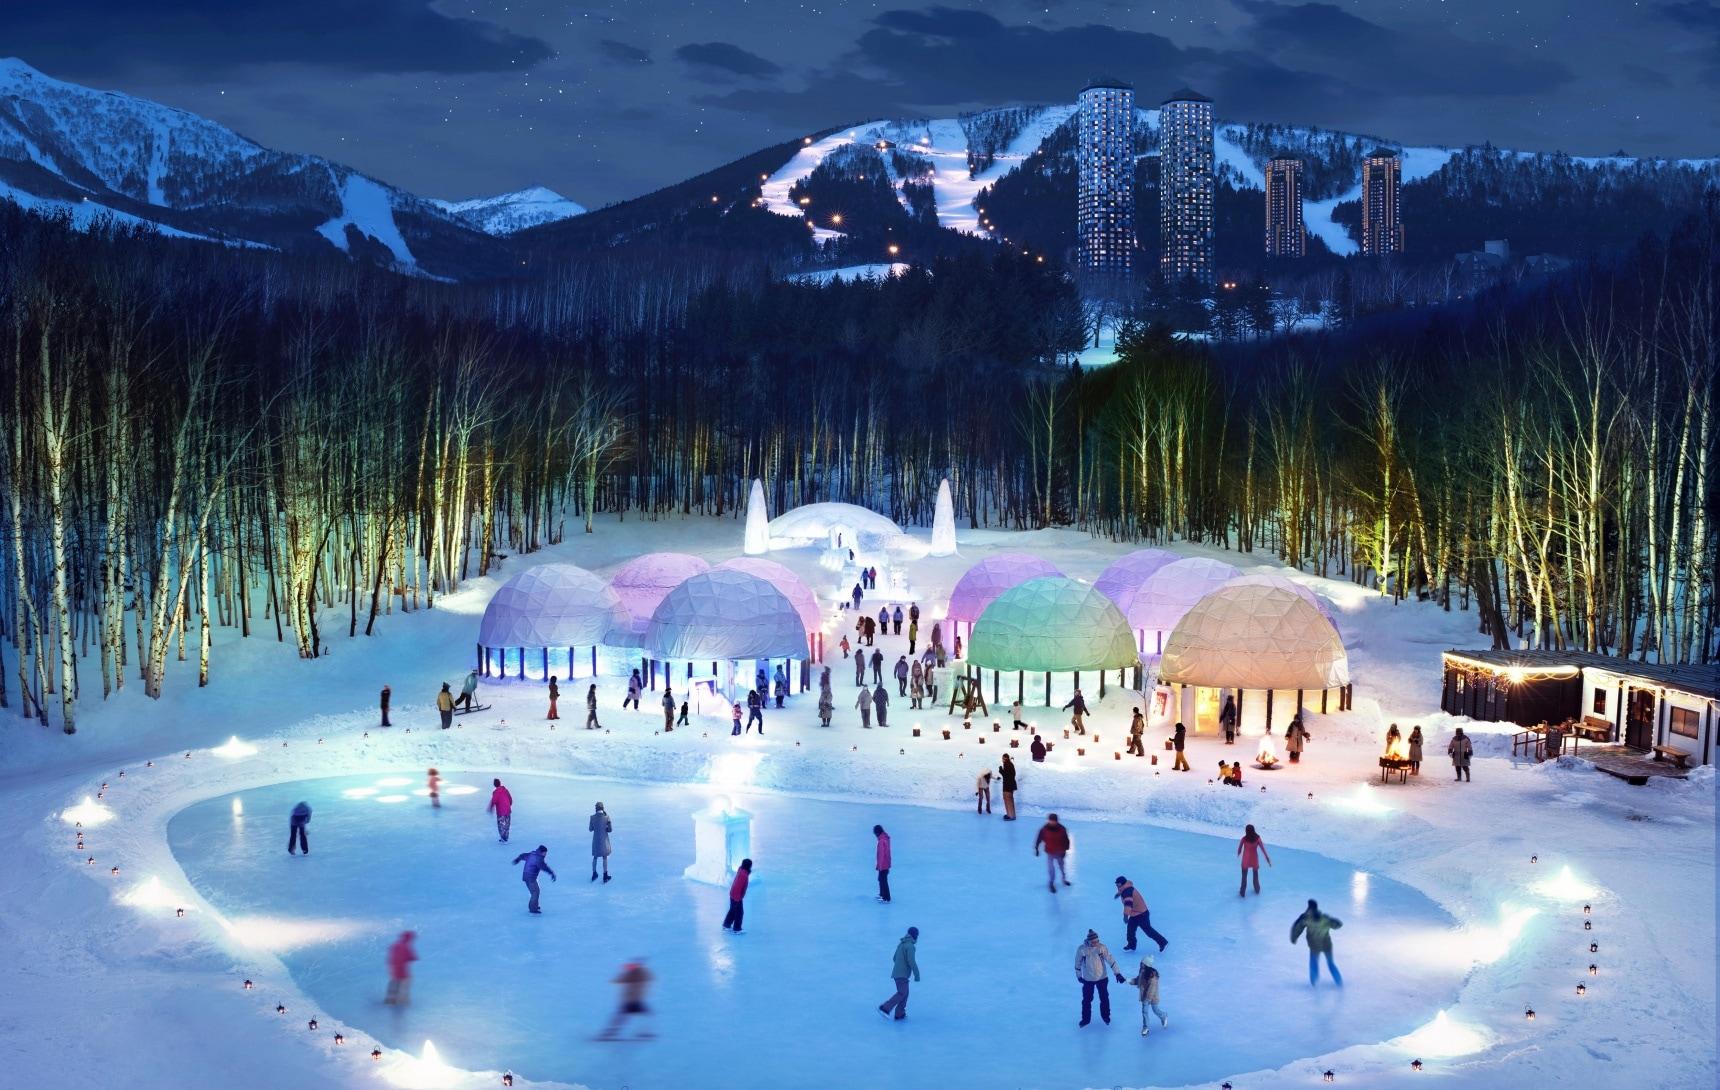 สไลด์ให้สนุกในดินแดนสีขาวโพลน ICE VILLAGE